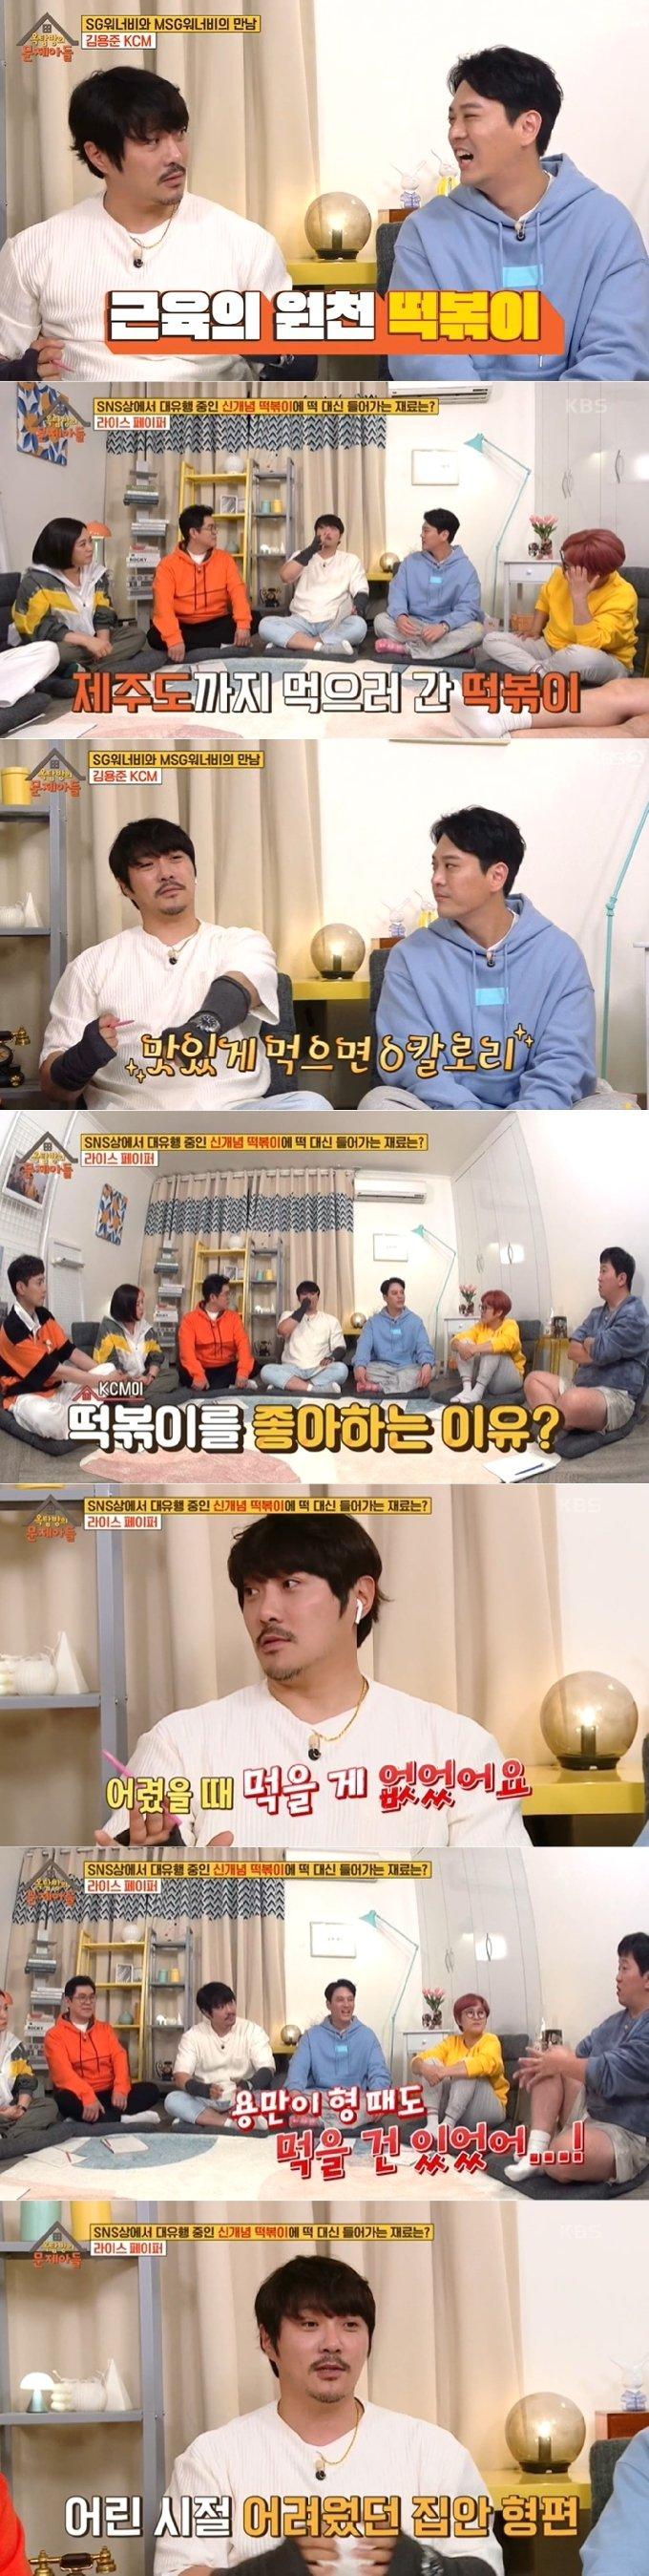 KBS2 예능프로그램 '옥탑방의 문제아들' 방송화면 갈무리 © 뉴스1